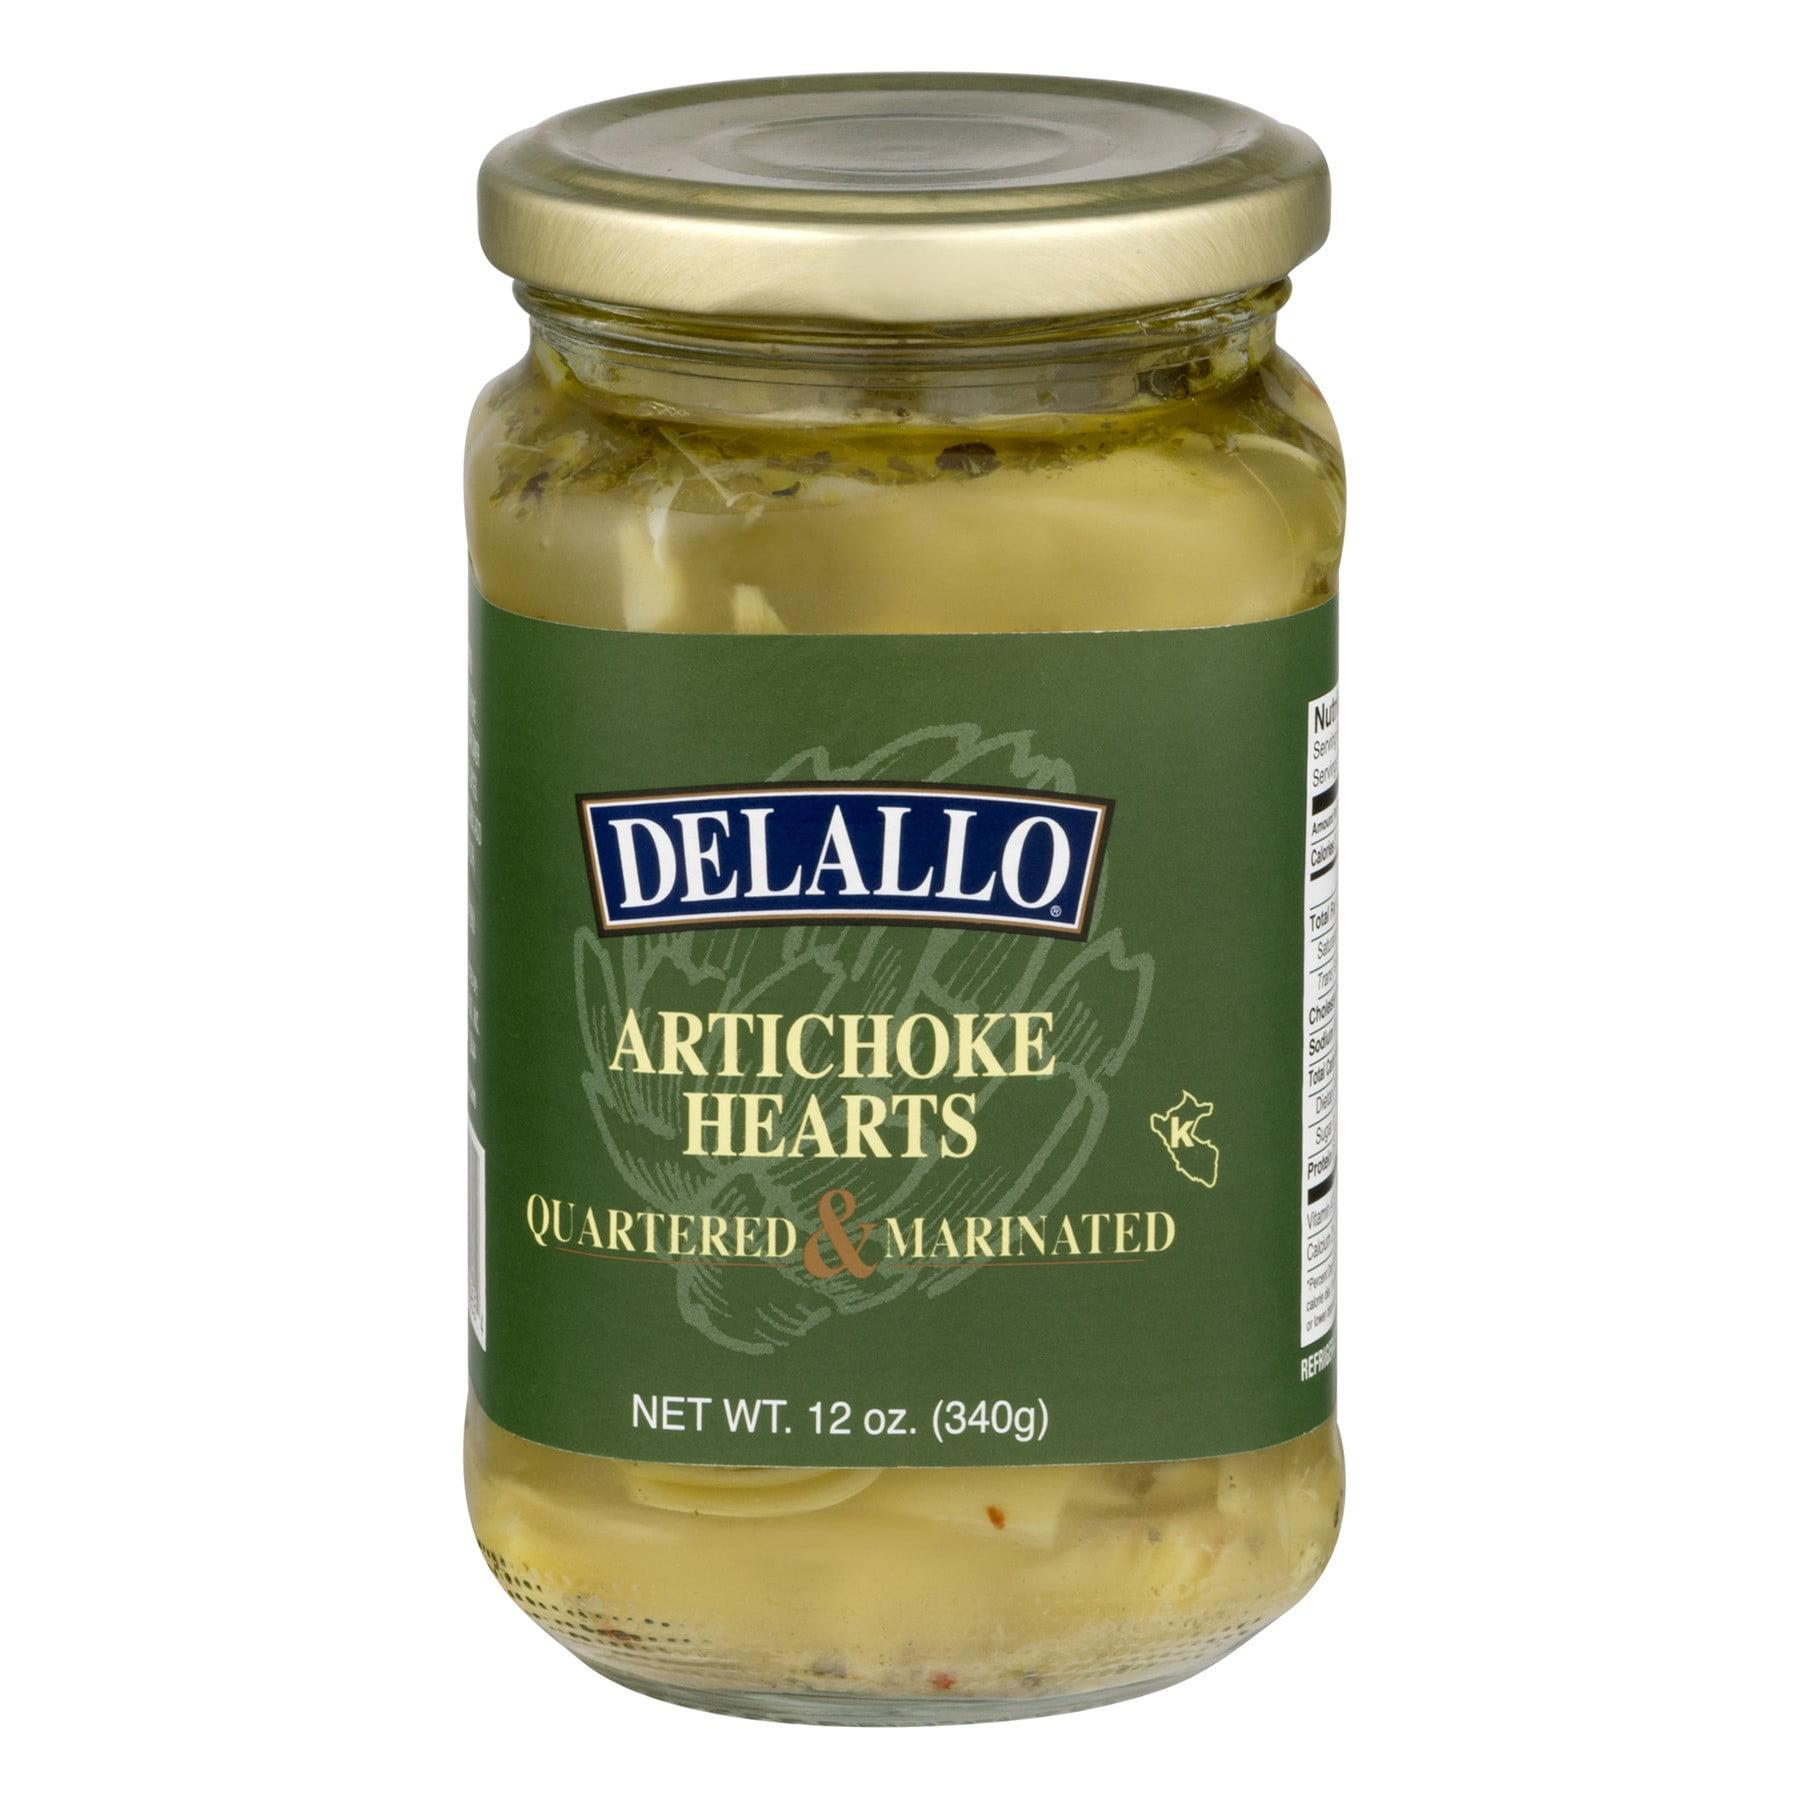 (6 Pack) Delallo Artichoke Hearts Quartered & Marinated, 12 Oz